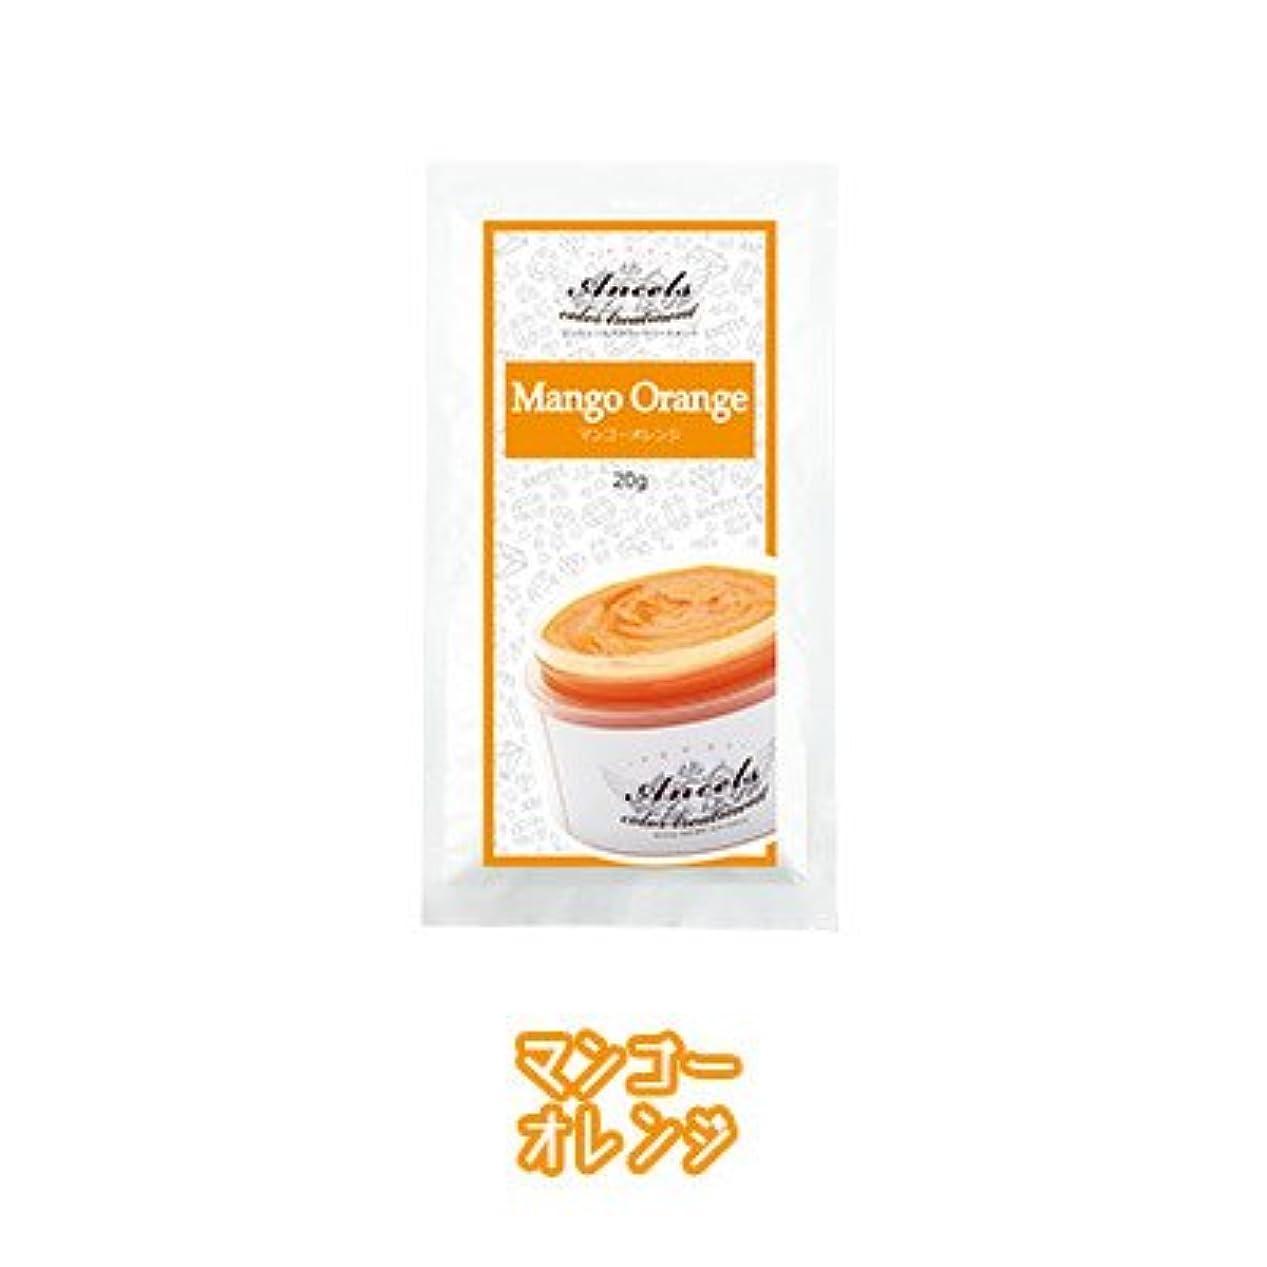 チューインガム寝室を掃除する嫌がるエンシェールズ カラートリートメントバター プチ(お試しサイズ) マンゴーオレンジ 20g